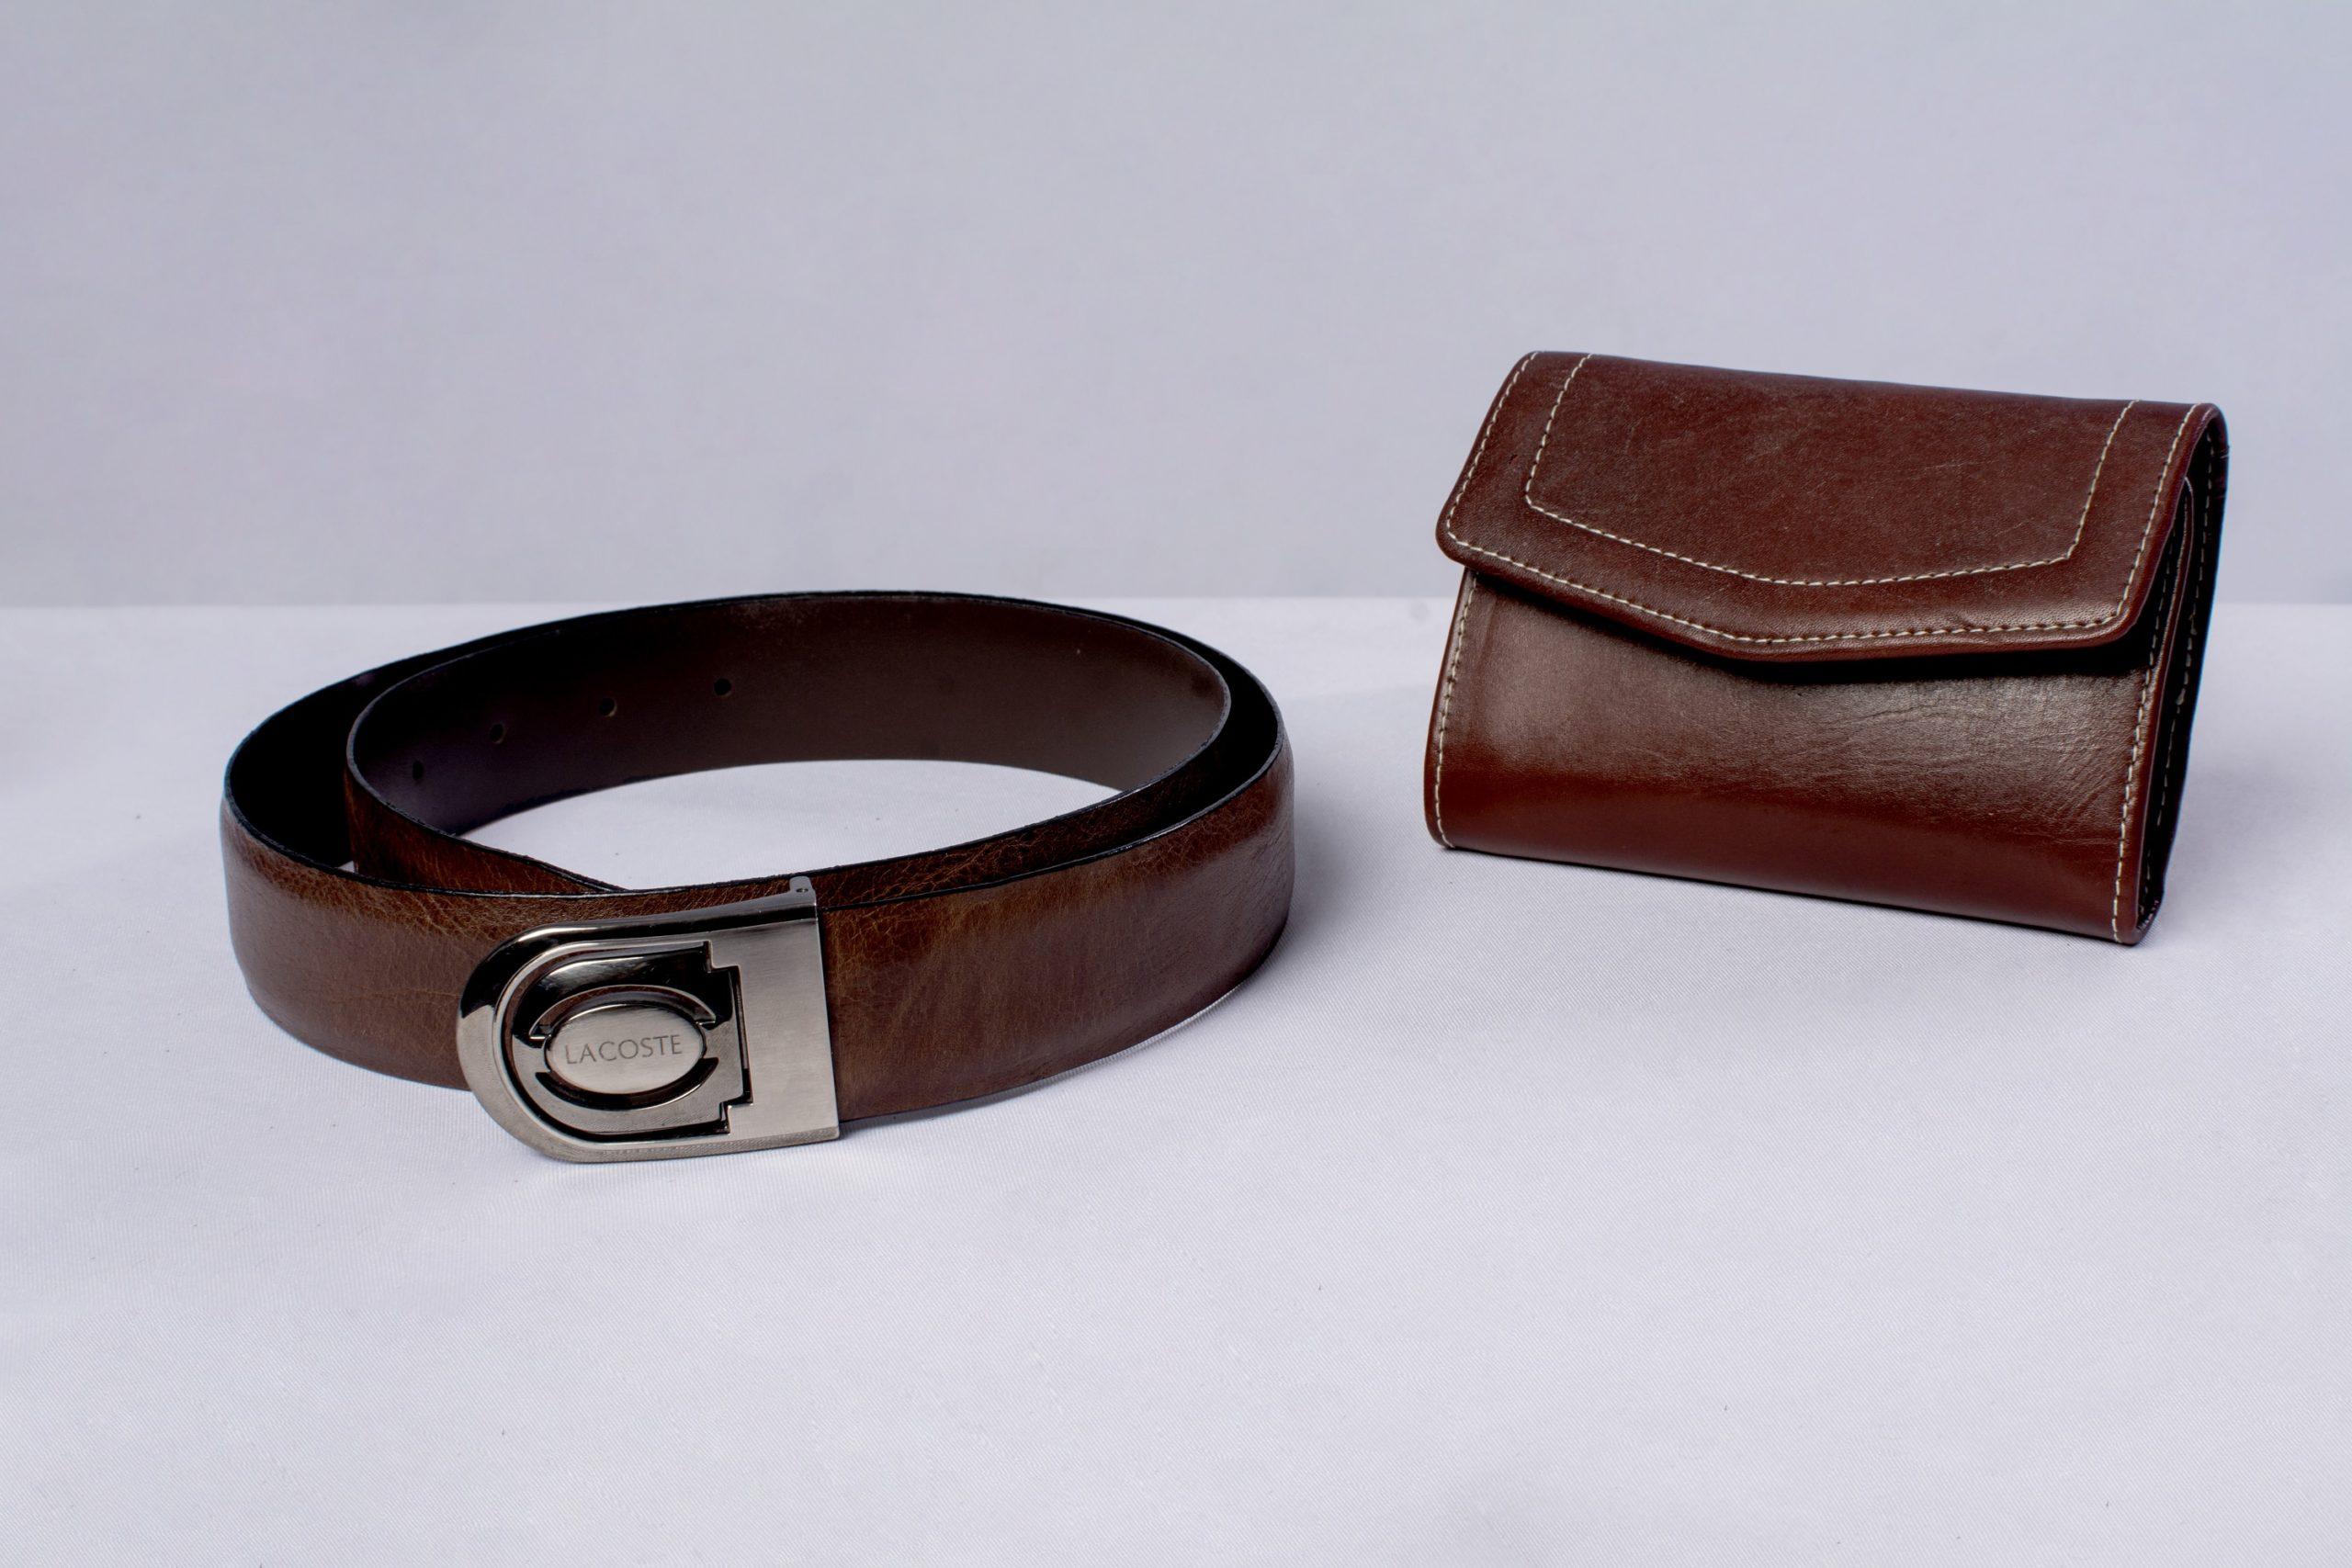 Cinturón y billetera elaborado en cuero (marroquinería).Material: Cuero de res.